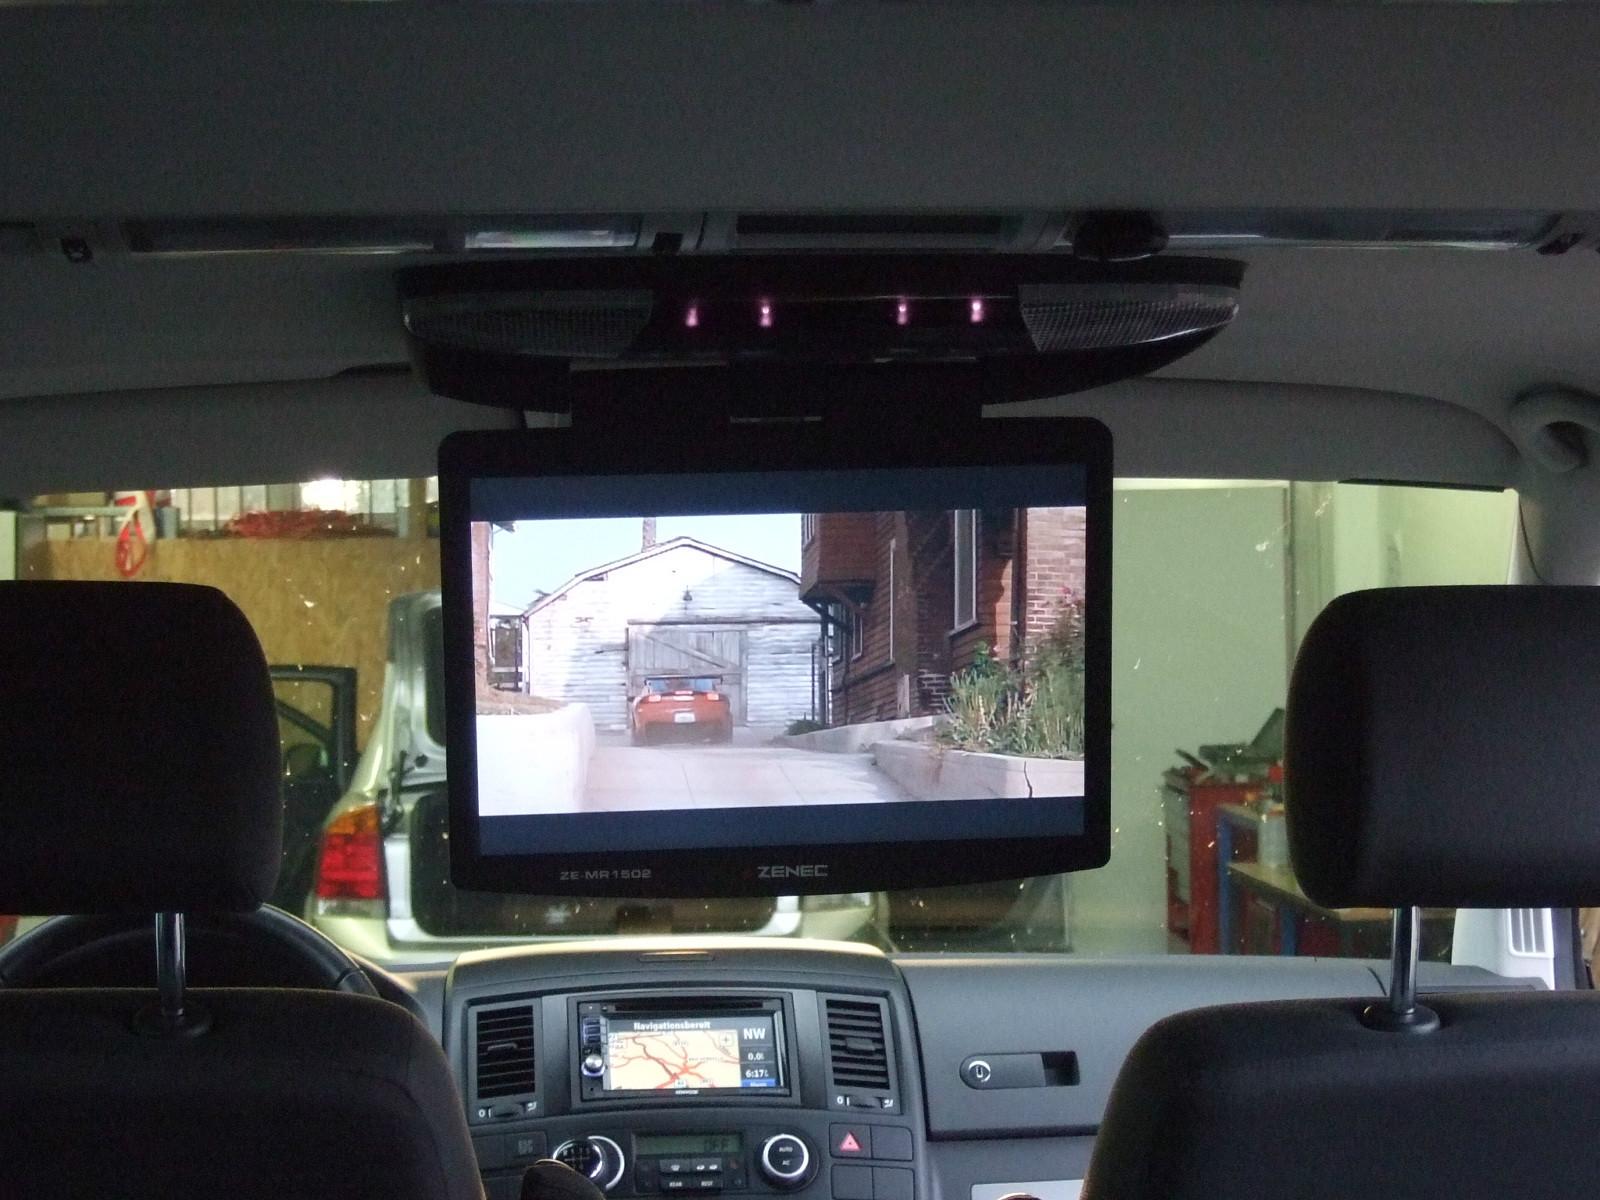 vw t5 multivan mit deckenmonitor und kenwood navigation. Black Bedroom Furniture Sets. Home Design Ideas